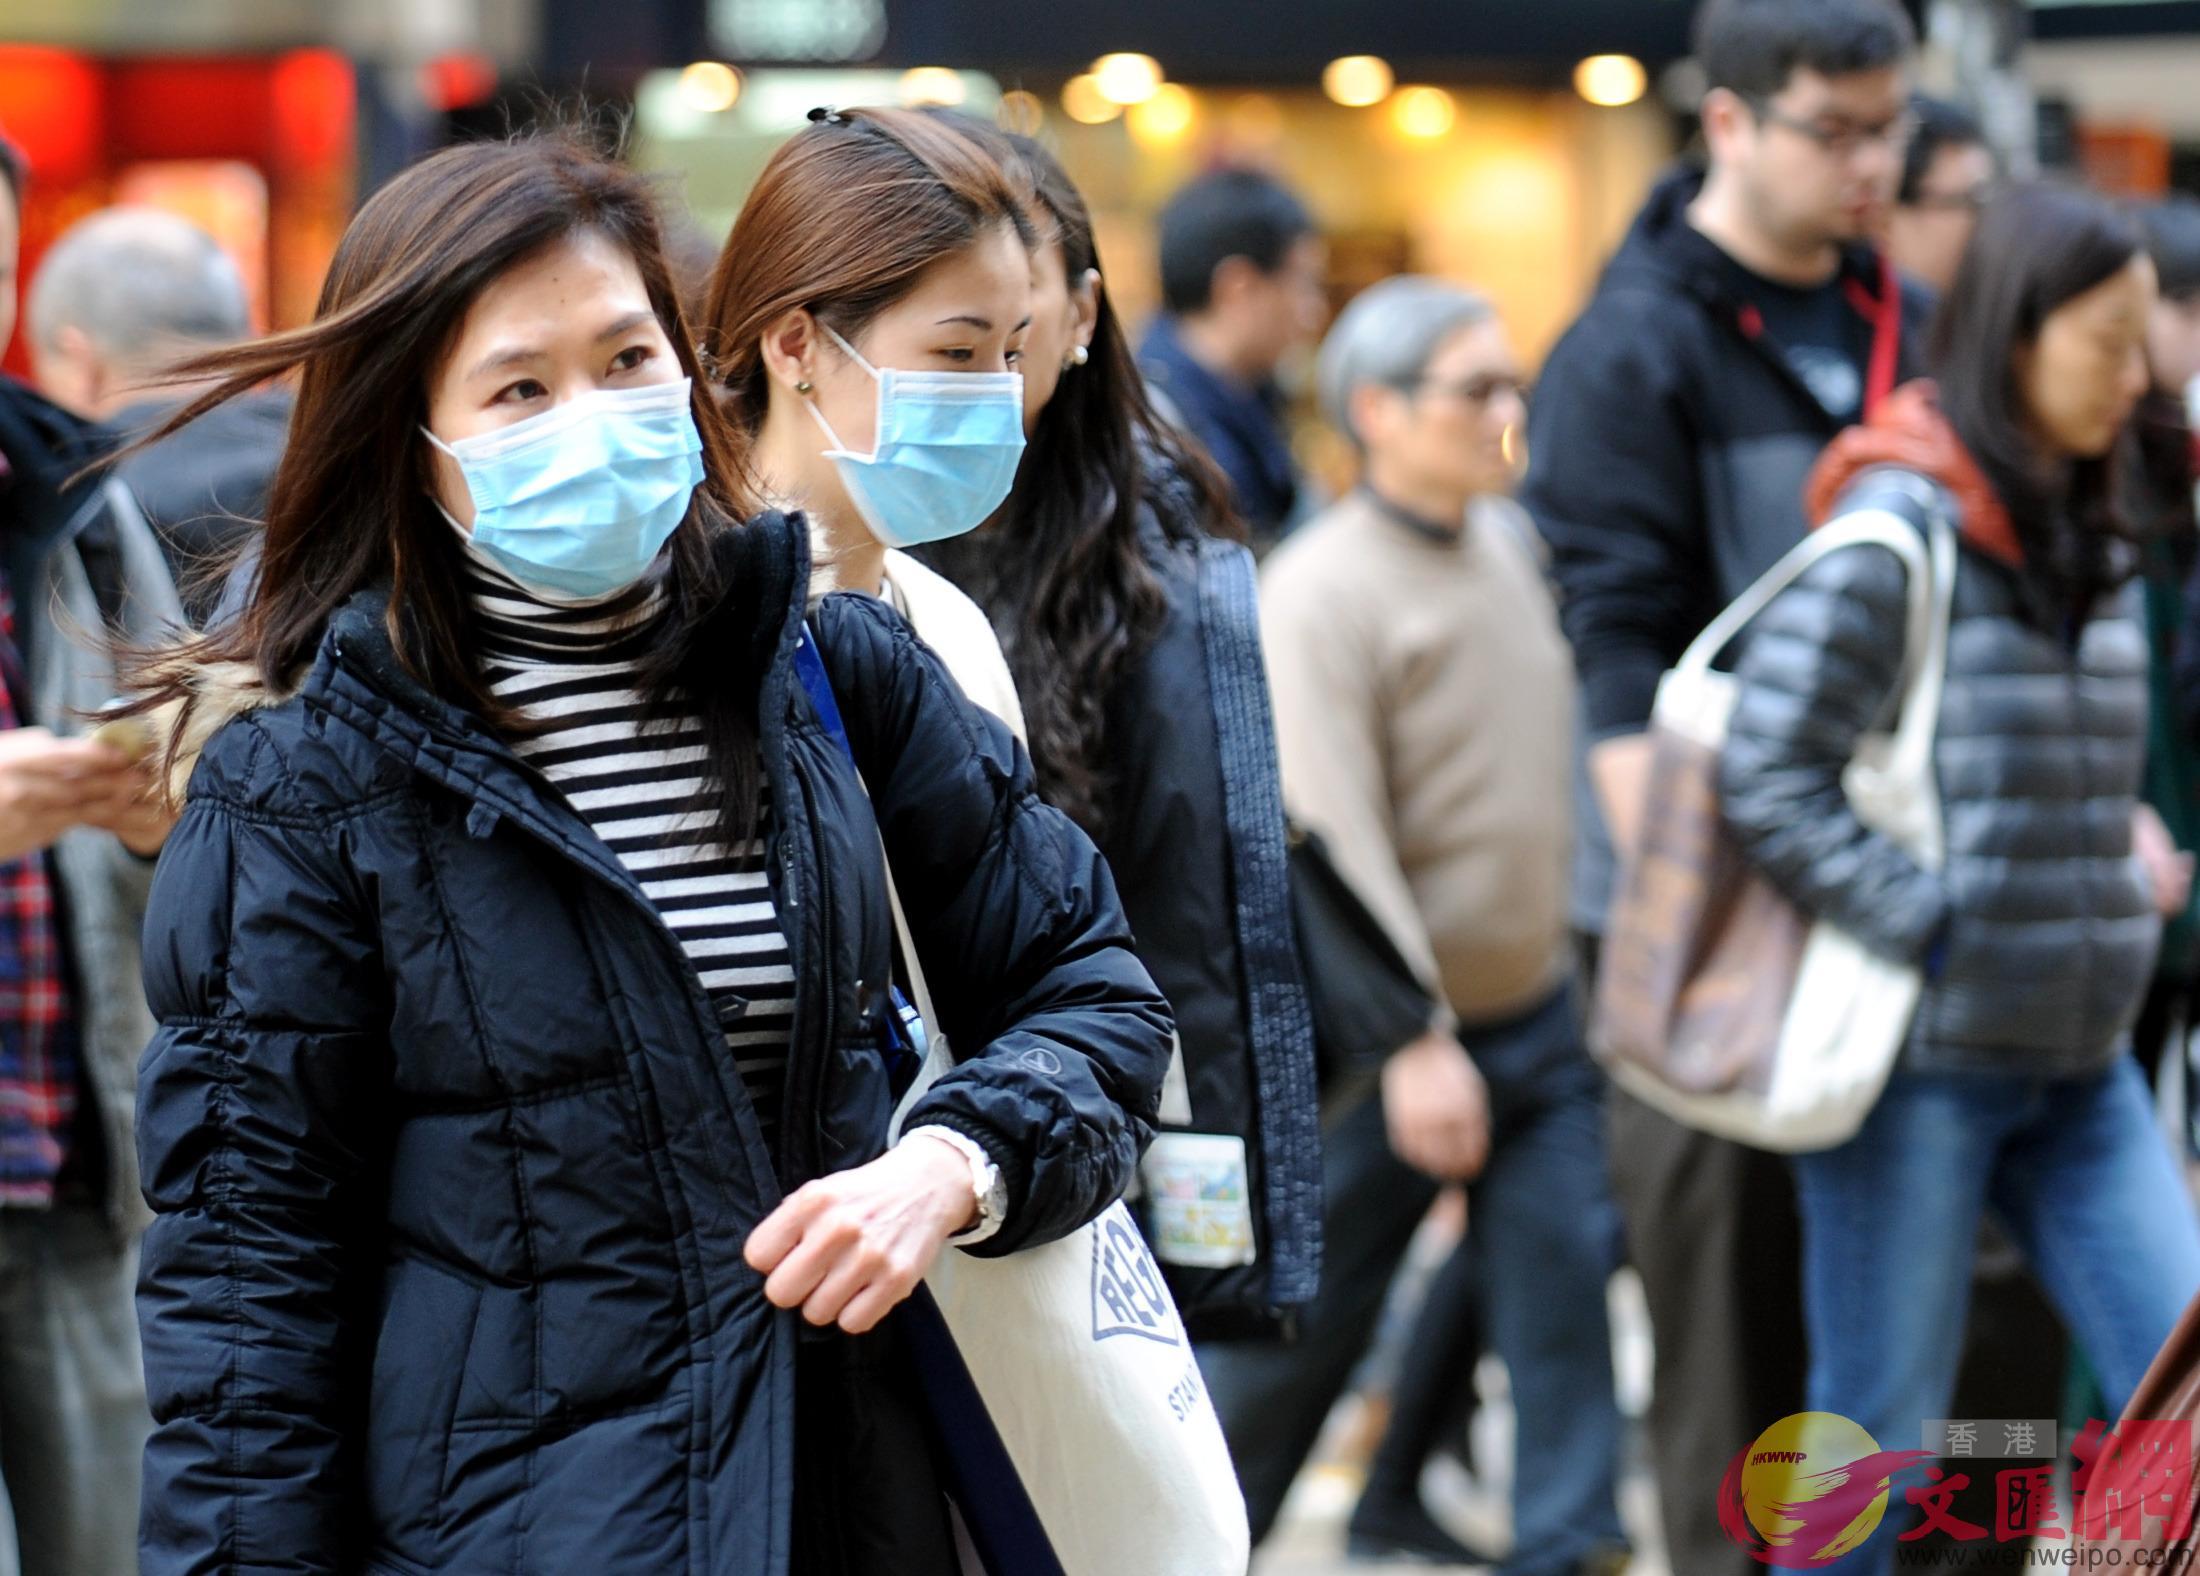 衞生署衞生防護中心指香港已踏入冬季流感季節 (新華社資料圖片)